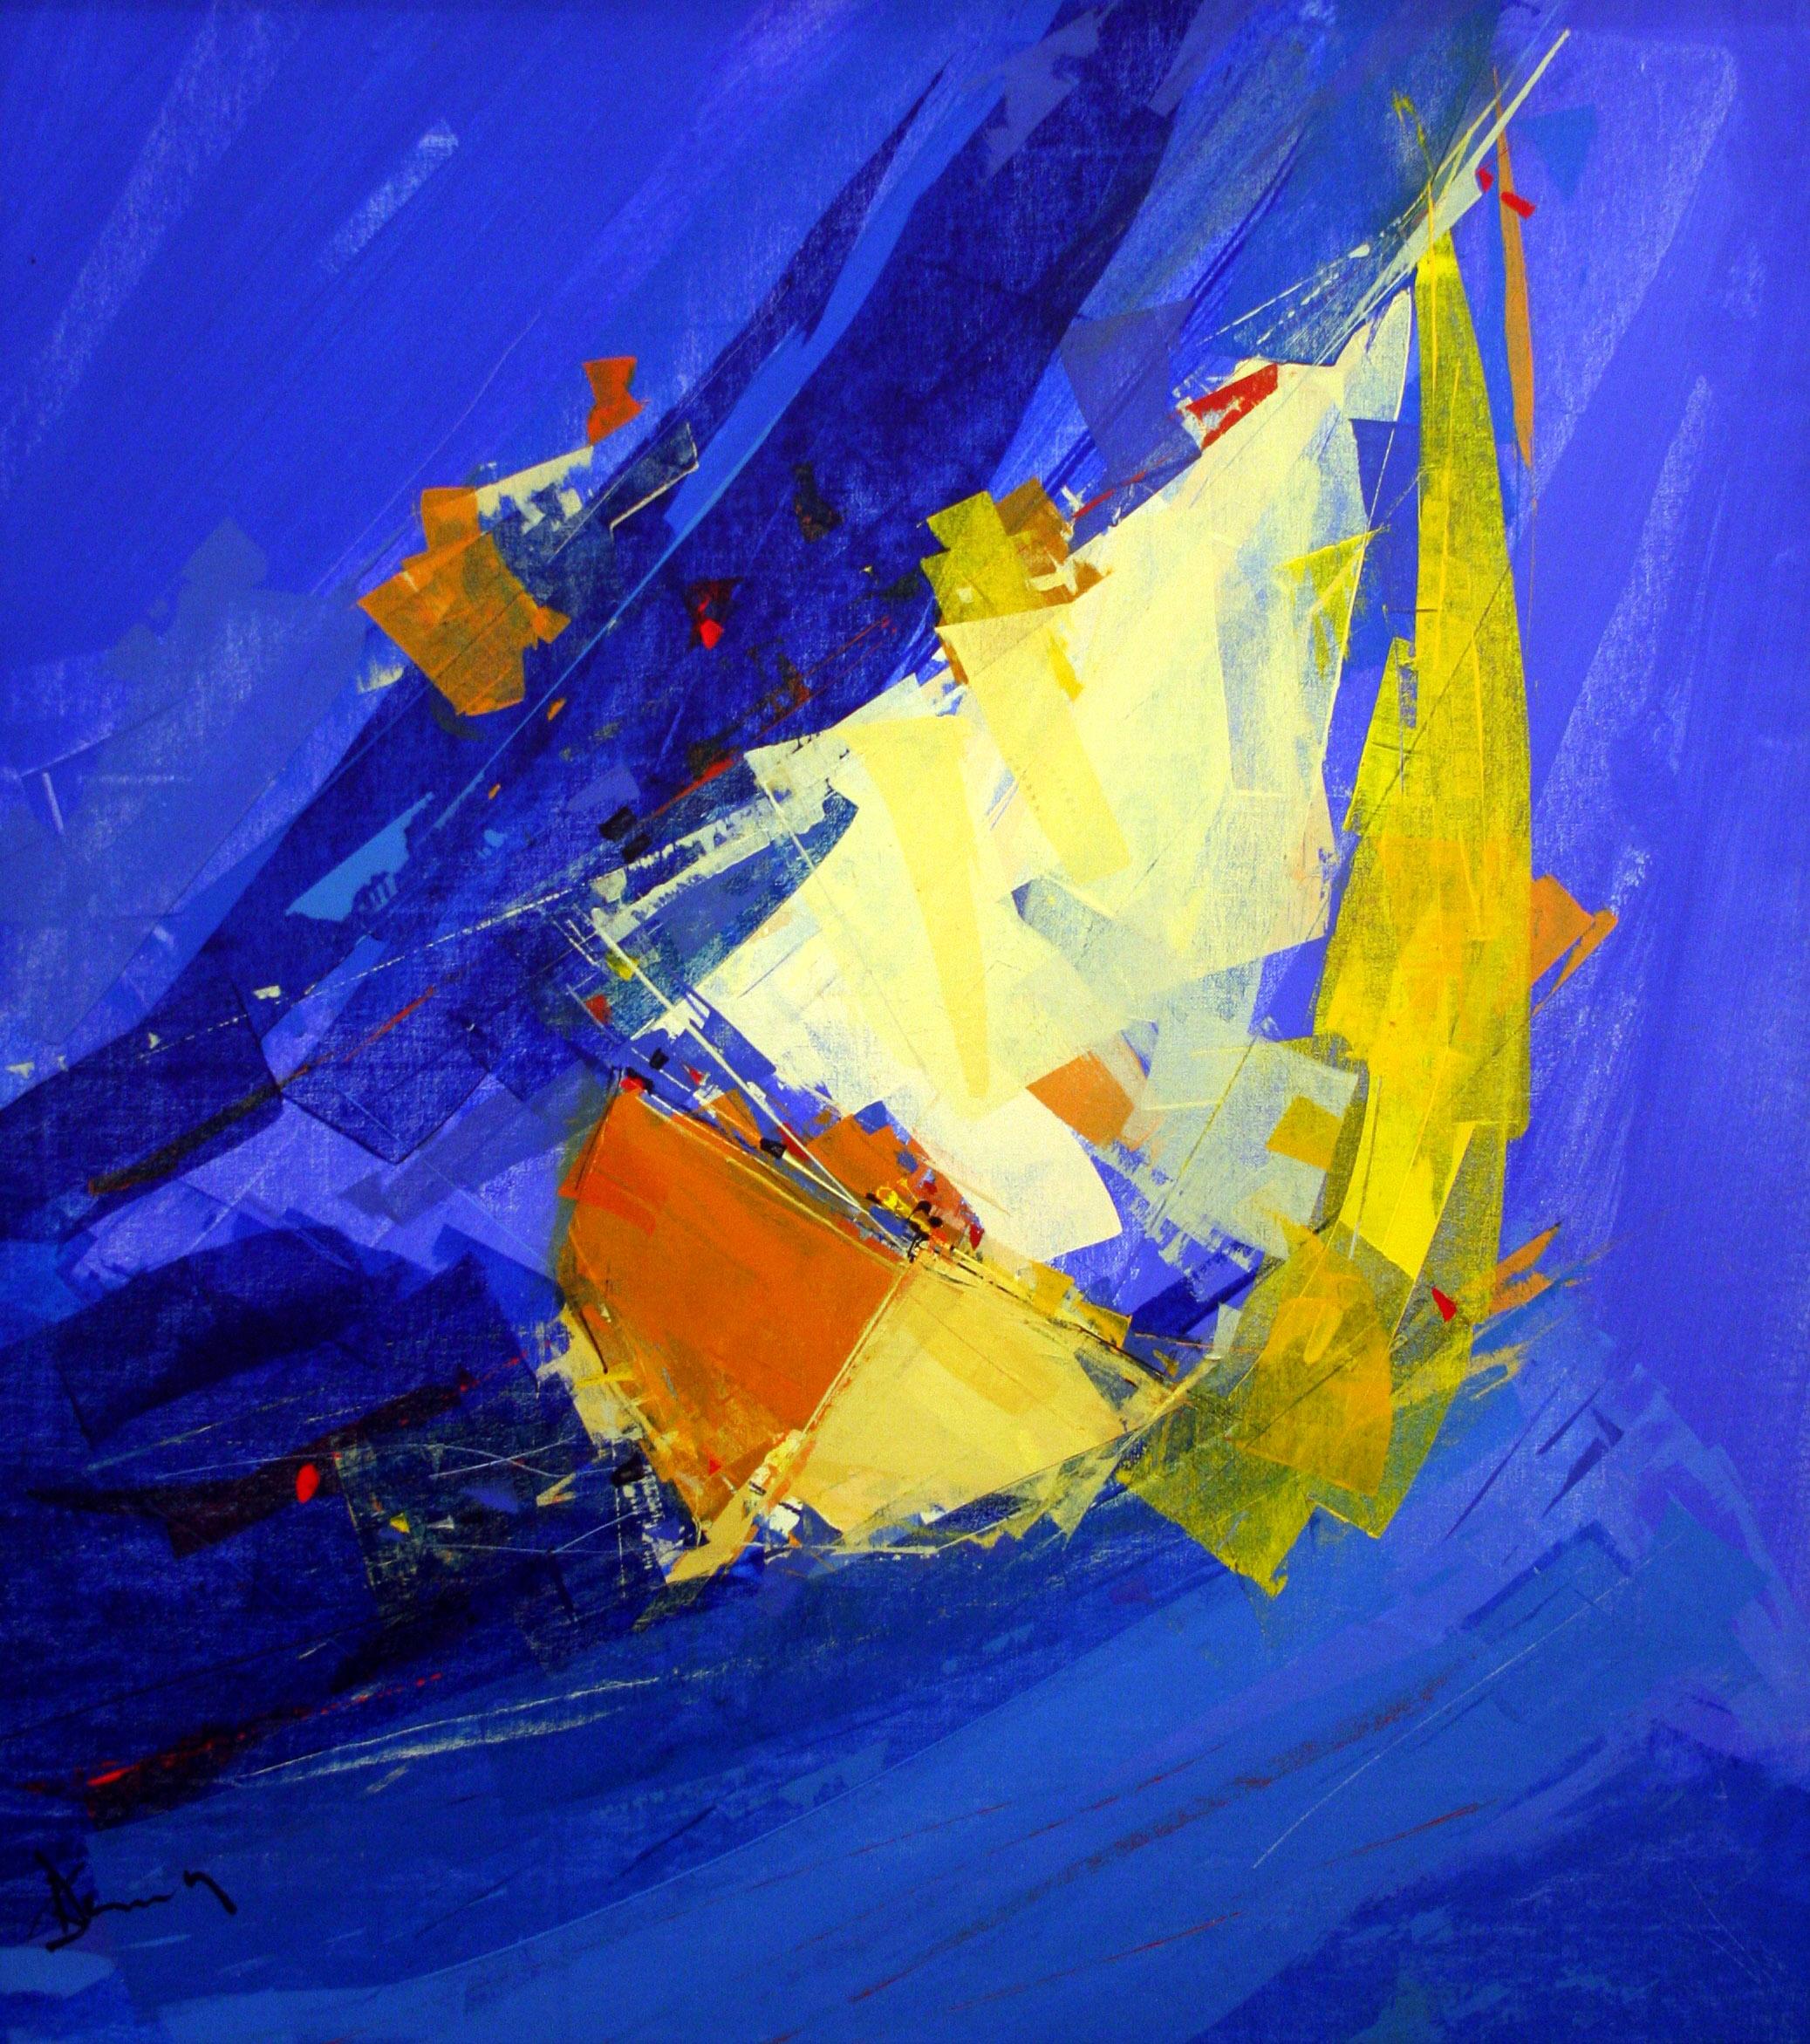 Oeuvre de l'artiste peintre René Lemay représentant un voilier.